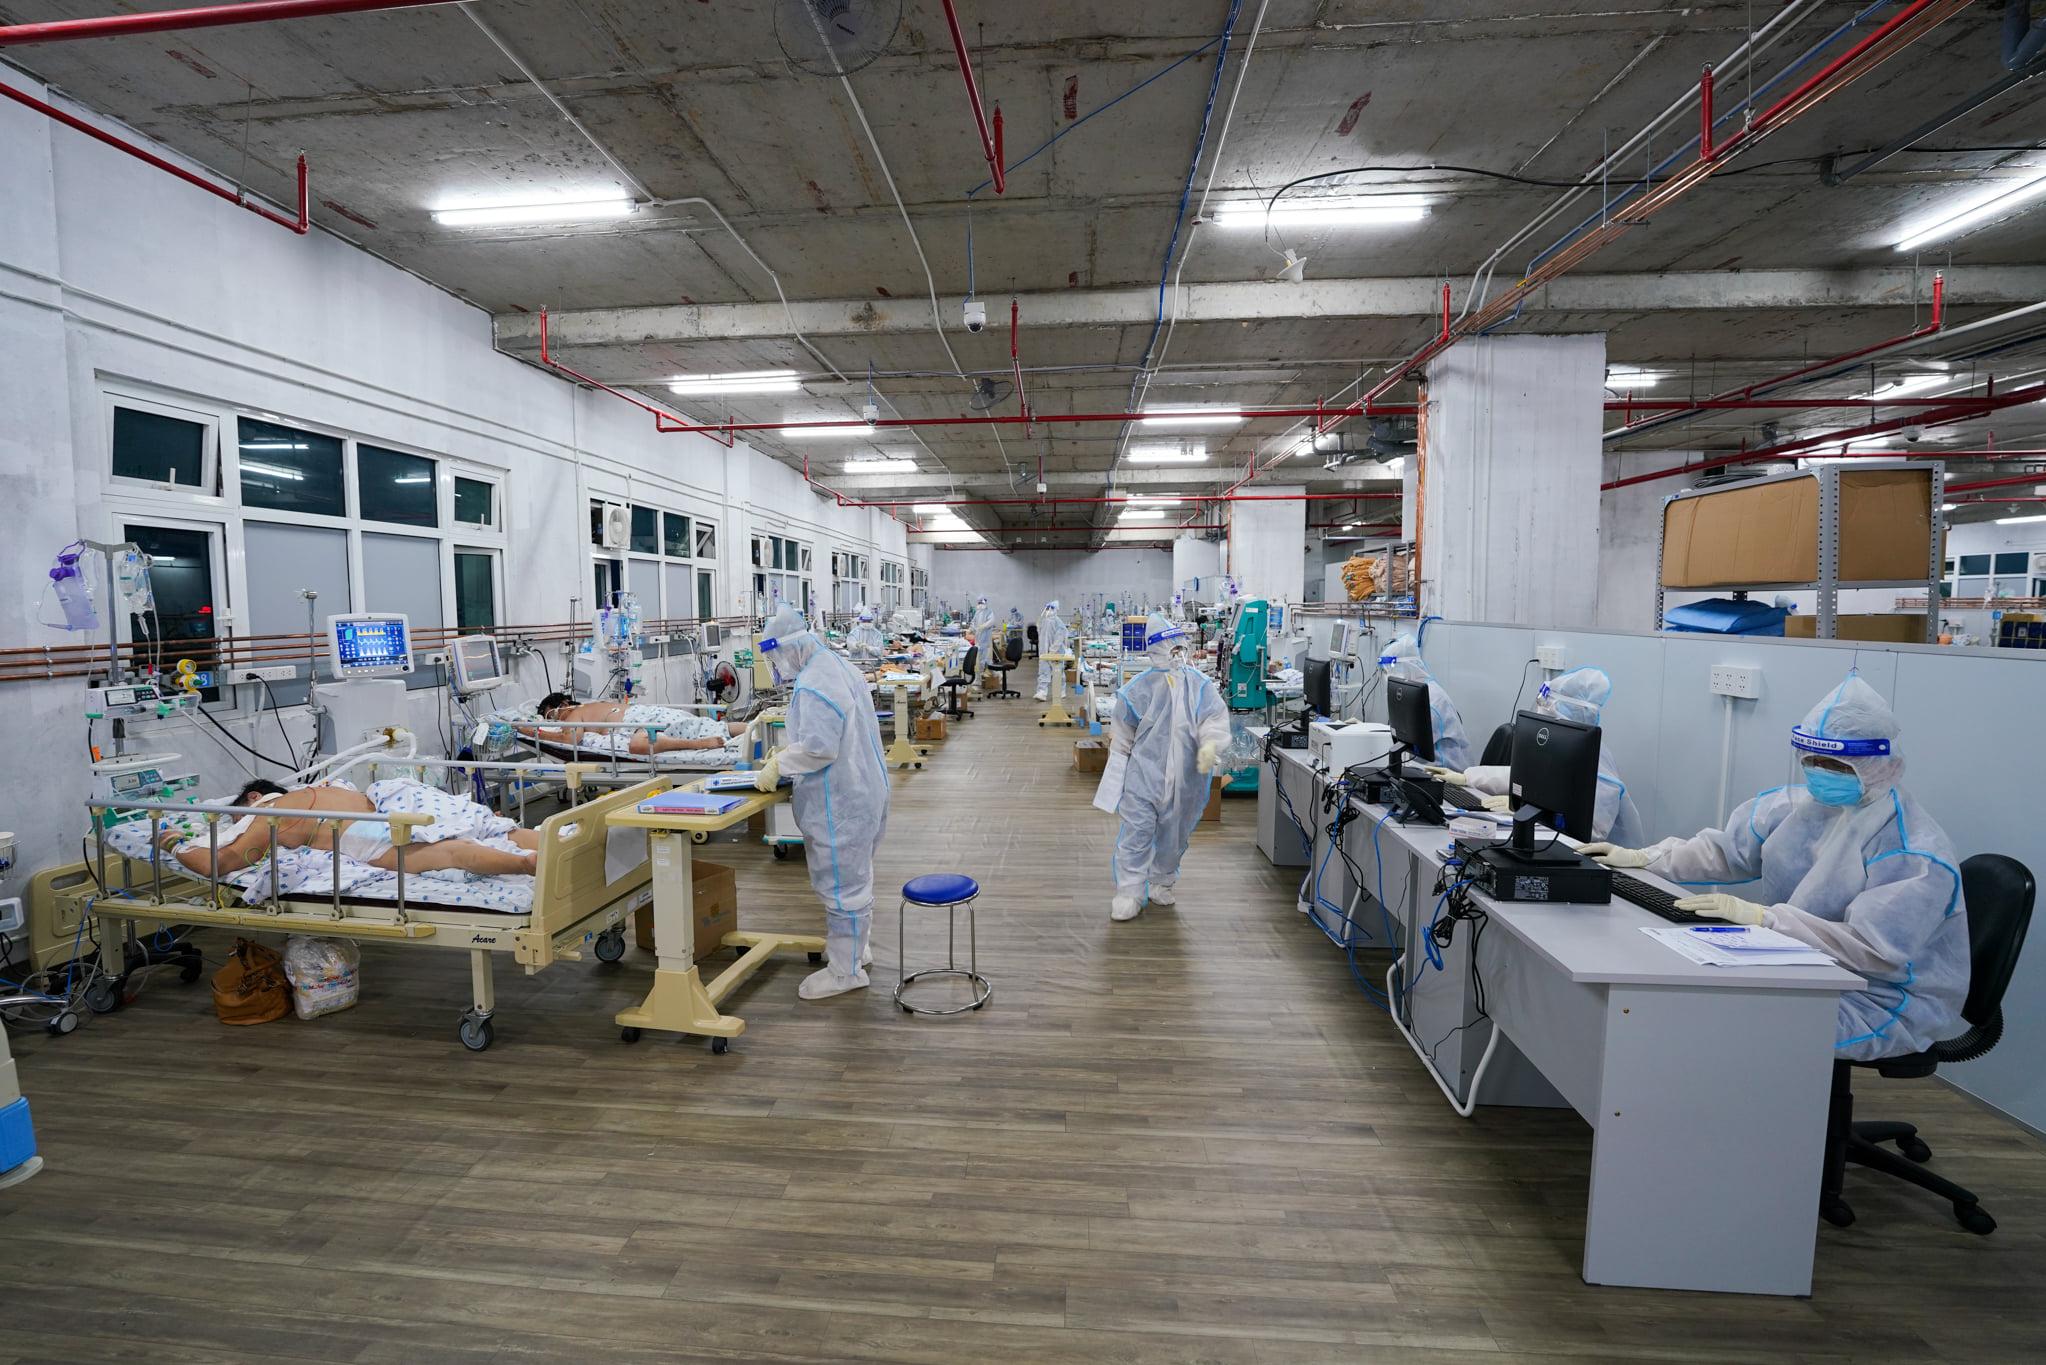 ]Bên trong Trung tâm Hồi sức Covid-19 Bệnh viện Đại học Y dược TP HCM. Ảnh: Bệnh viện cung cấp